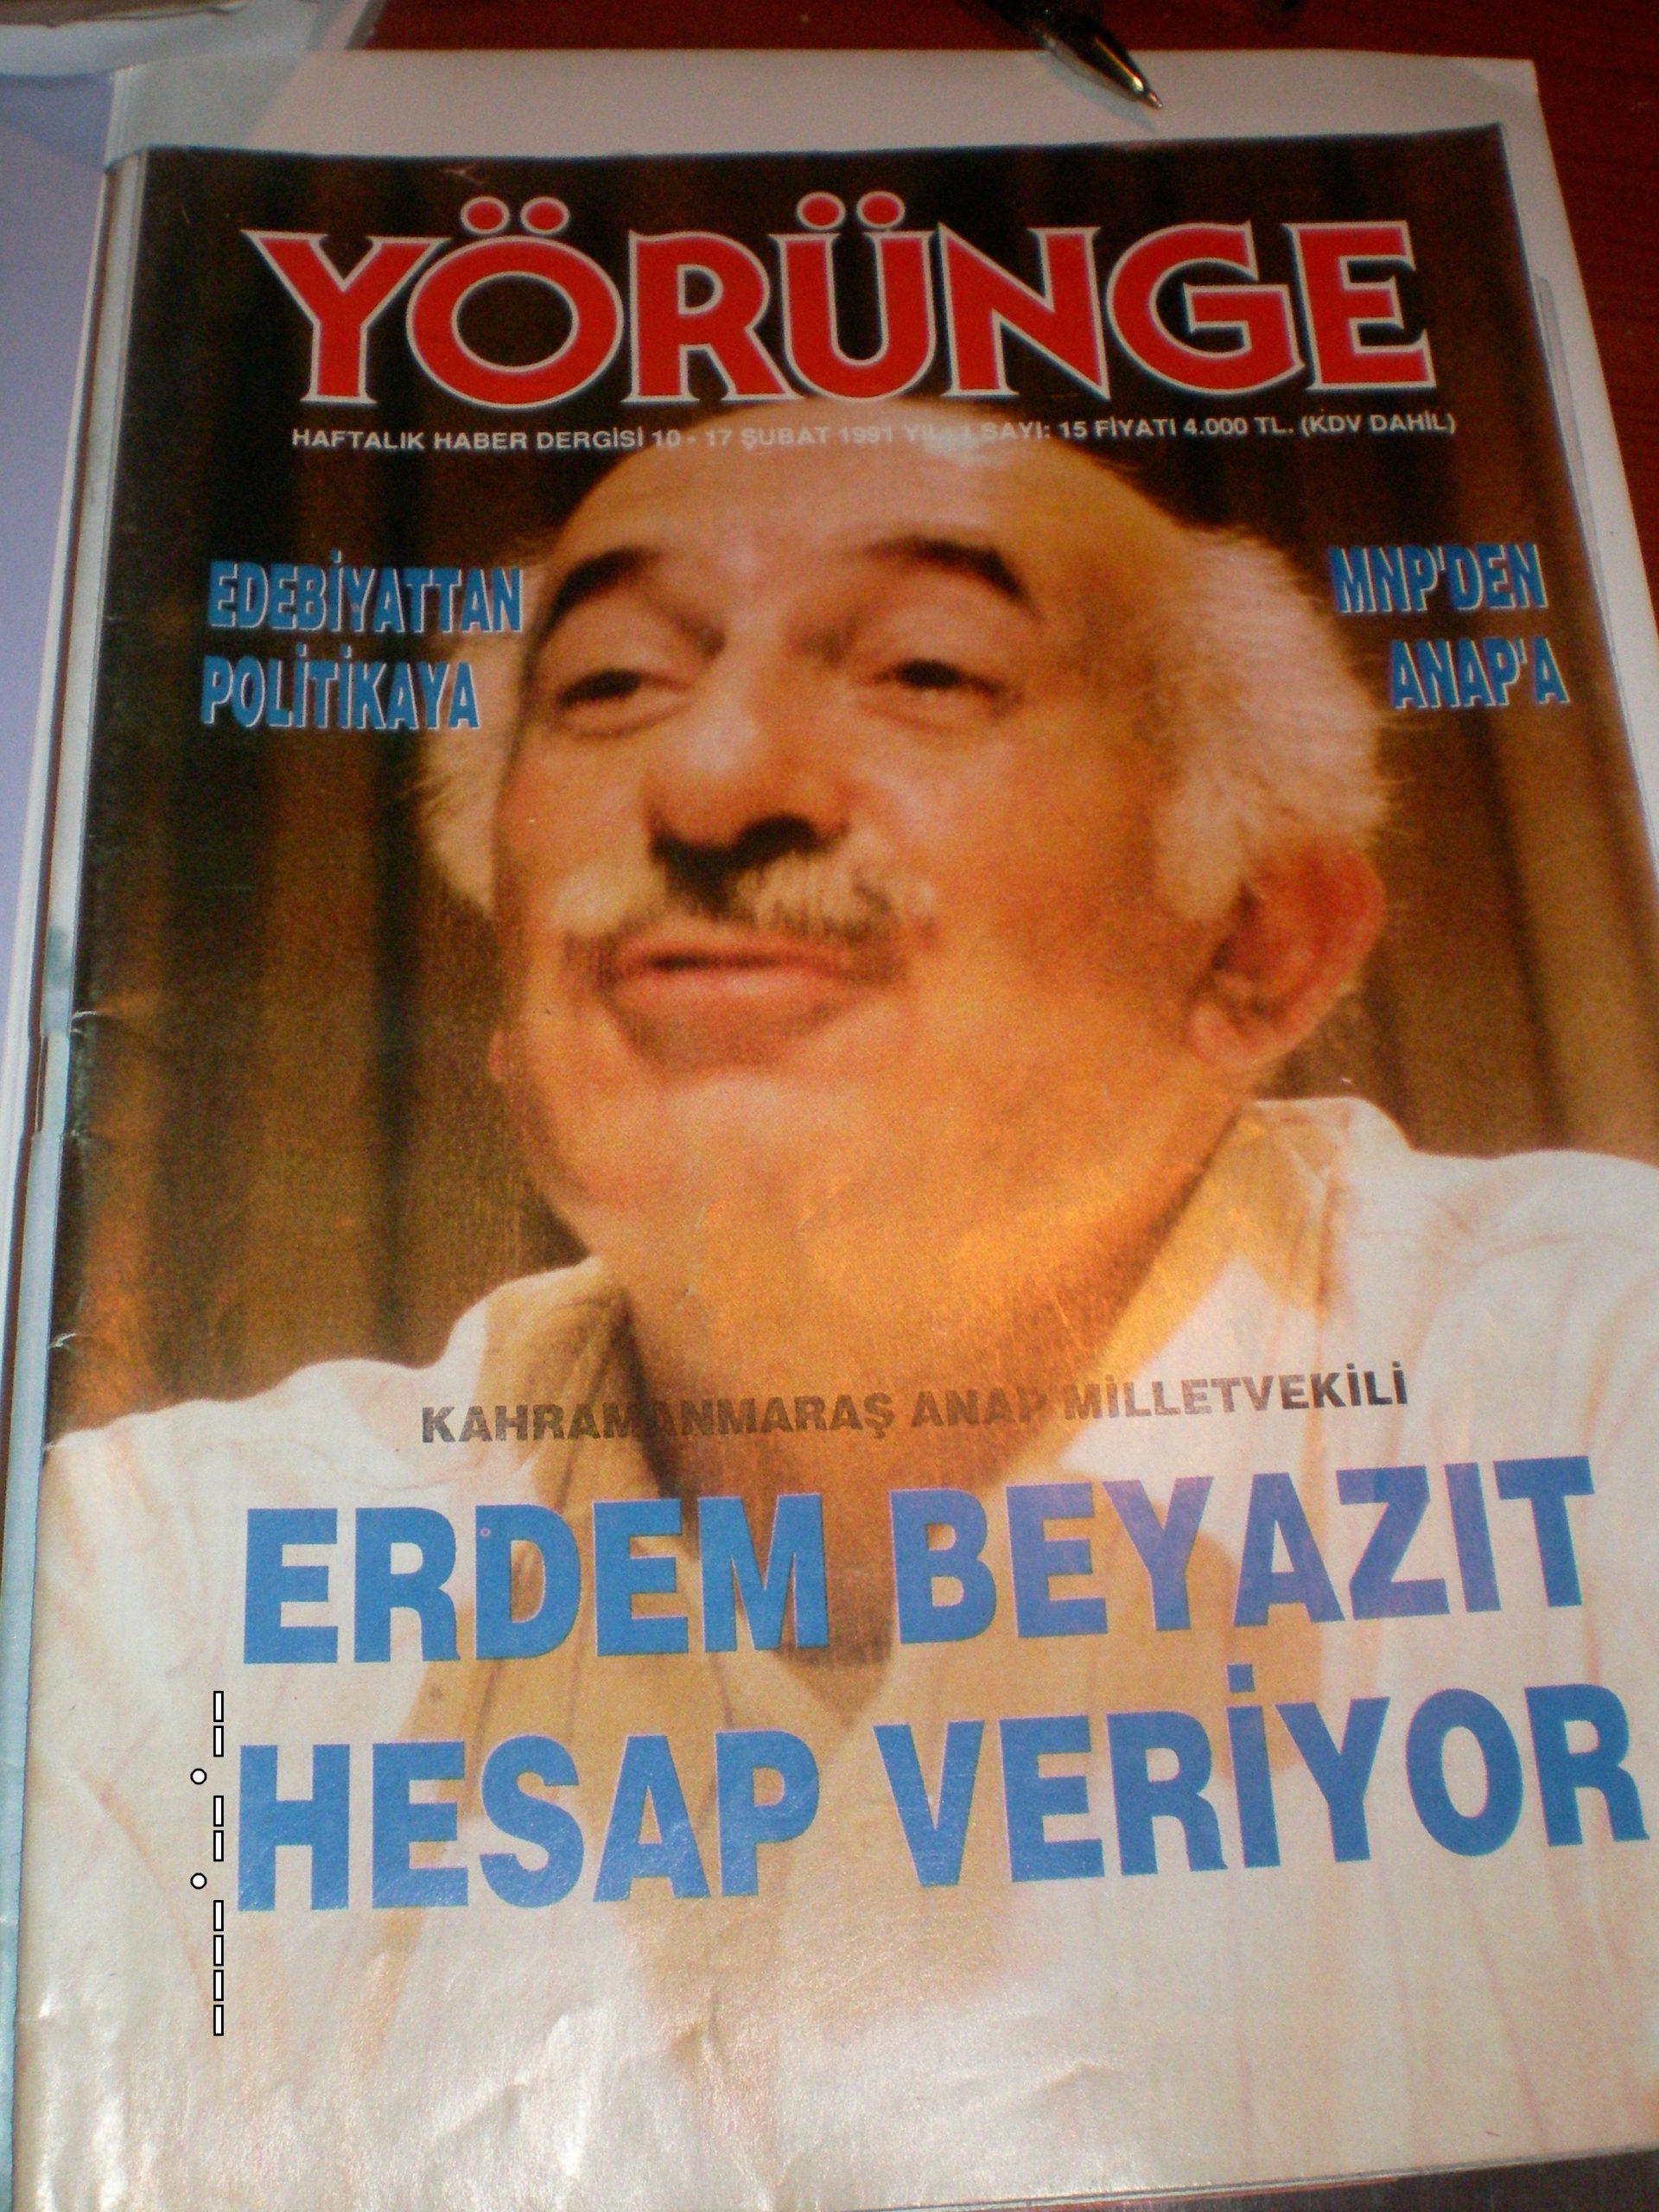 YÖRÜNGE DERGİSİ (1990-91)-7 ADET-Toplam.15 tl(Satıldı)